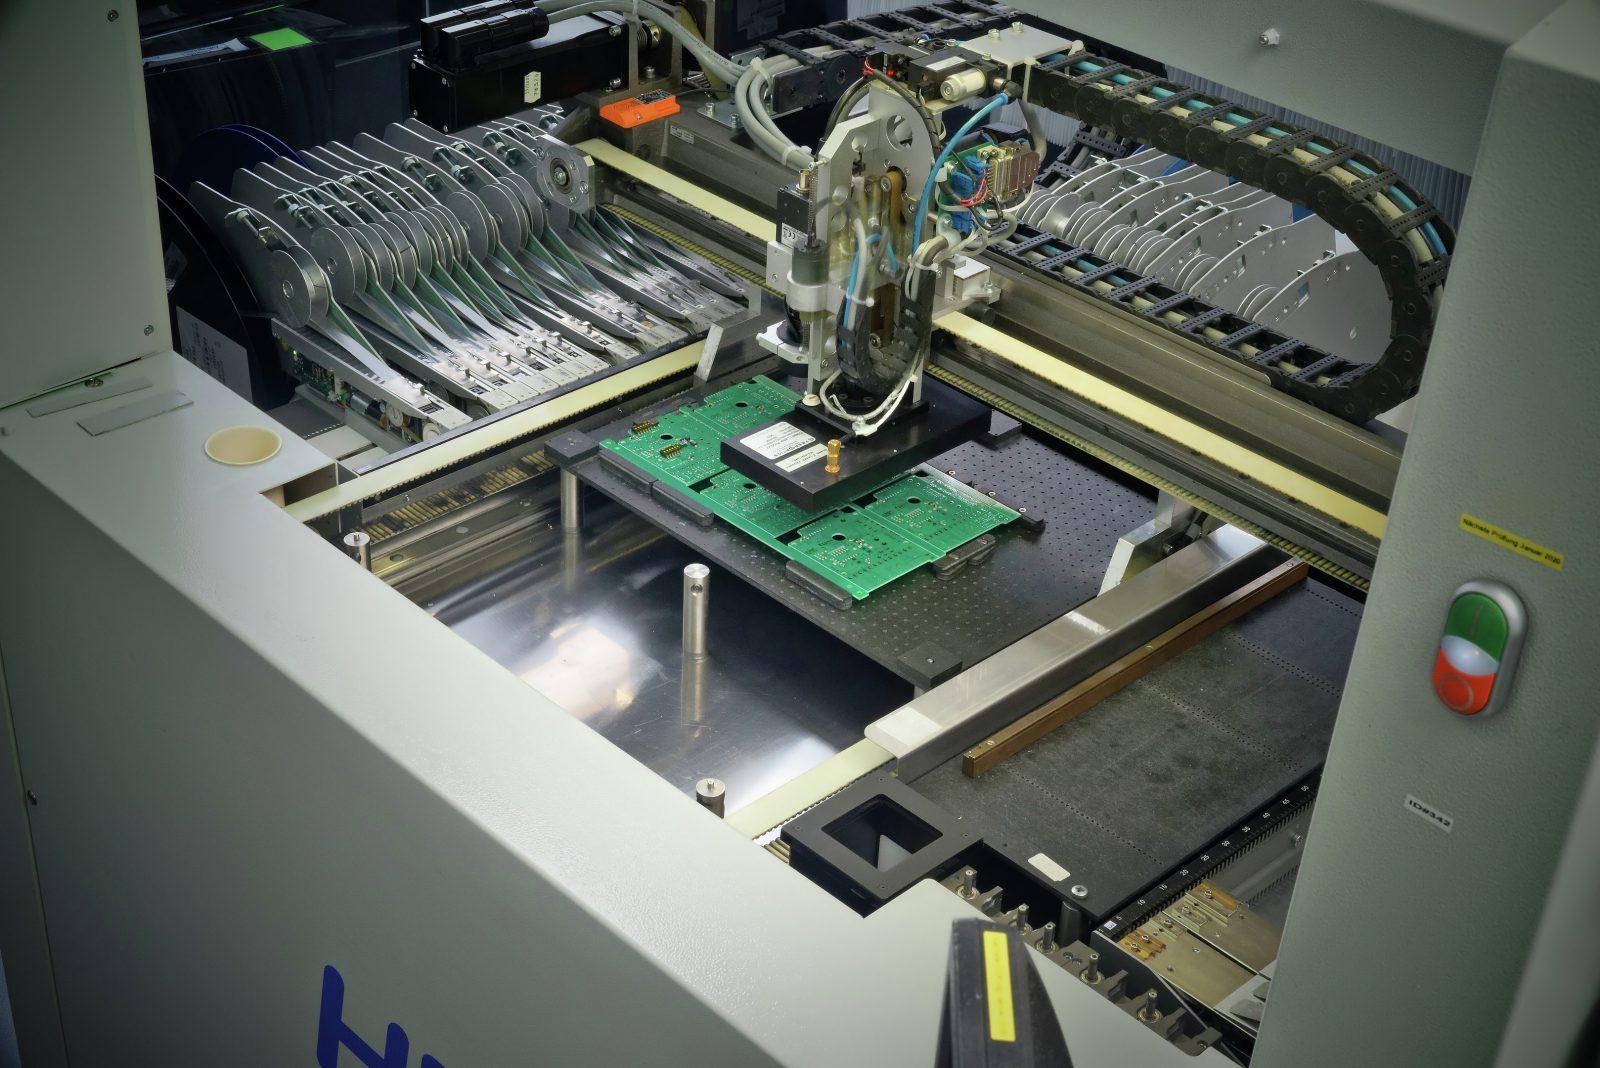 SMT Leiterplattenbestueckung Bestueckungsautomat bei der Bestueckung von BauteilenIMGP Idea  k